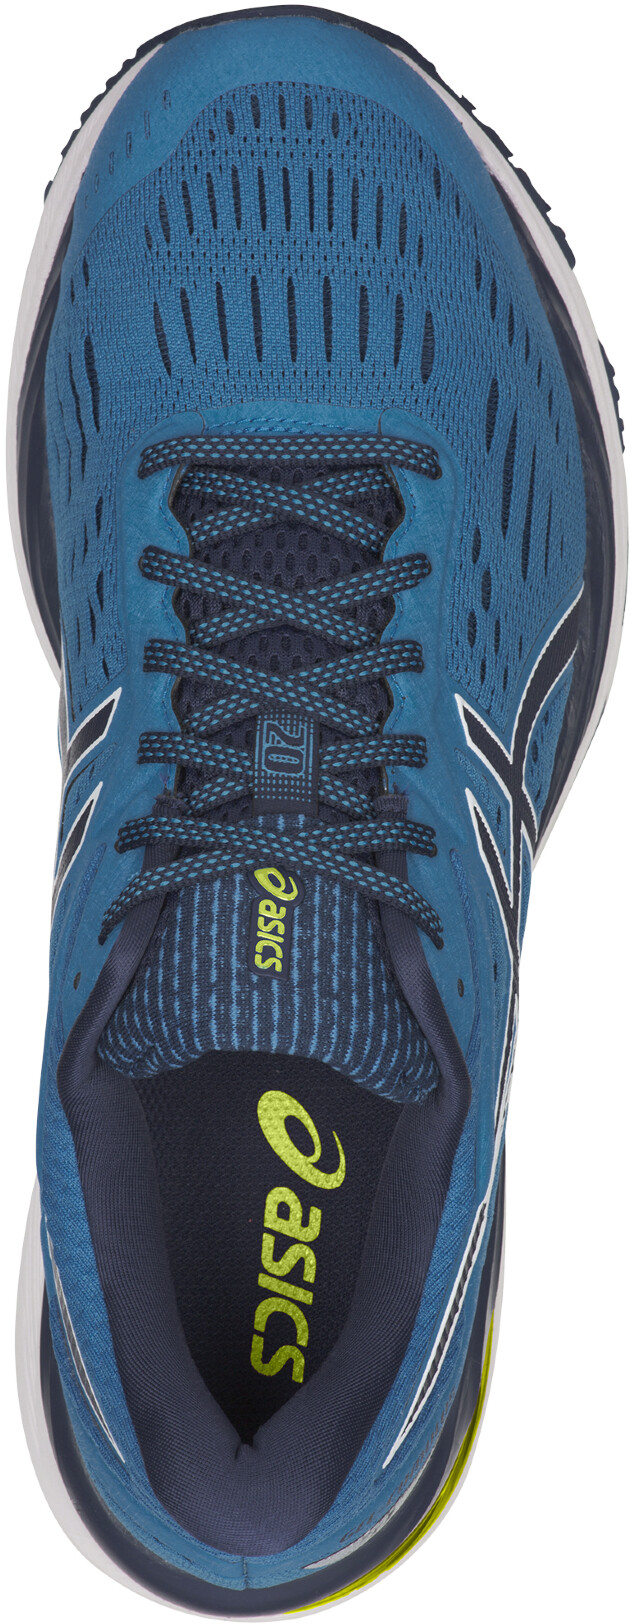 Asics Running Chaussures Sur 20 Cumulus Campz Gel Bleu Homme 1wAZ1xr